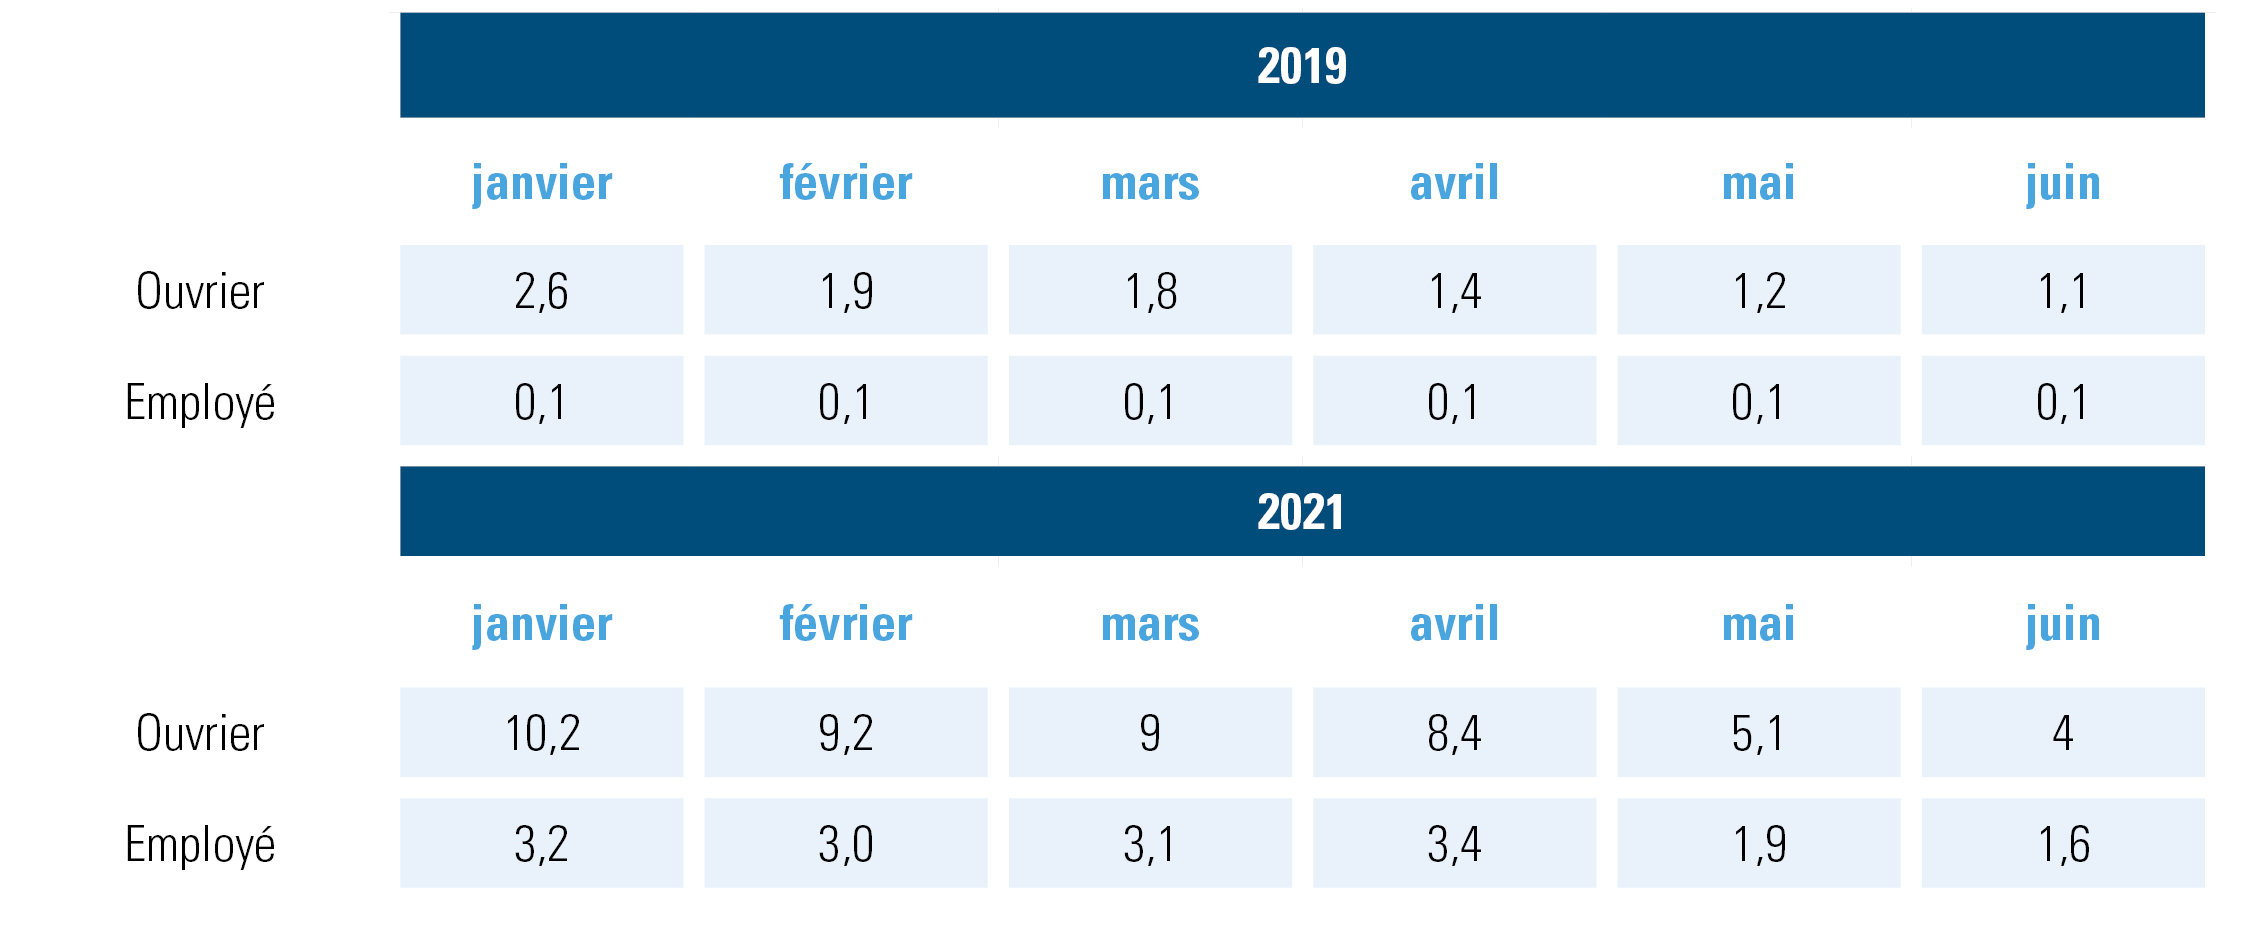 chômage temporaire total en heures en 2019 (avant le coronavirus) par rapport à 2021 (fin du coronavirus)